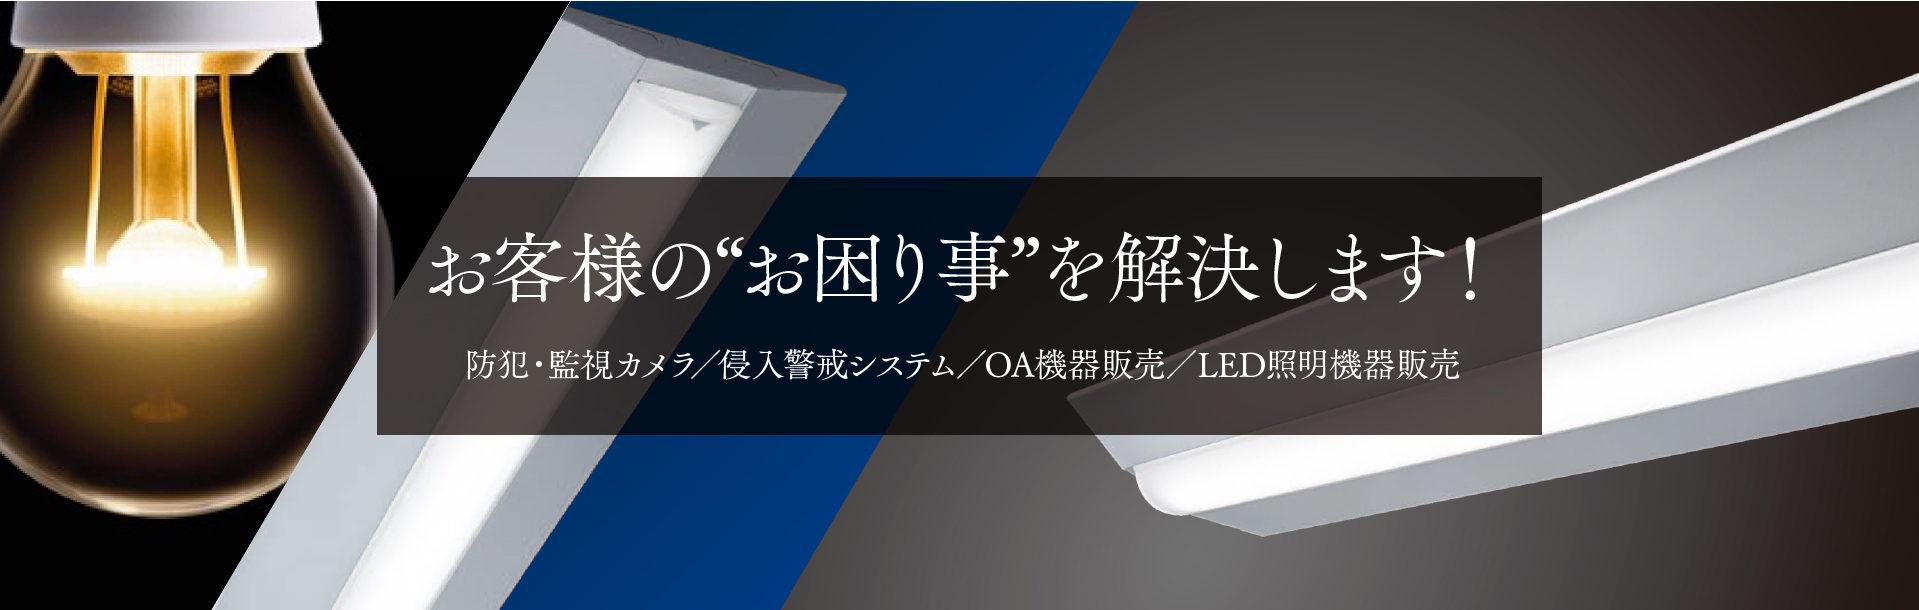 LED設置ならパワフルへ